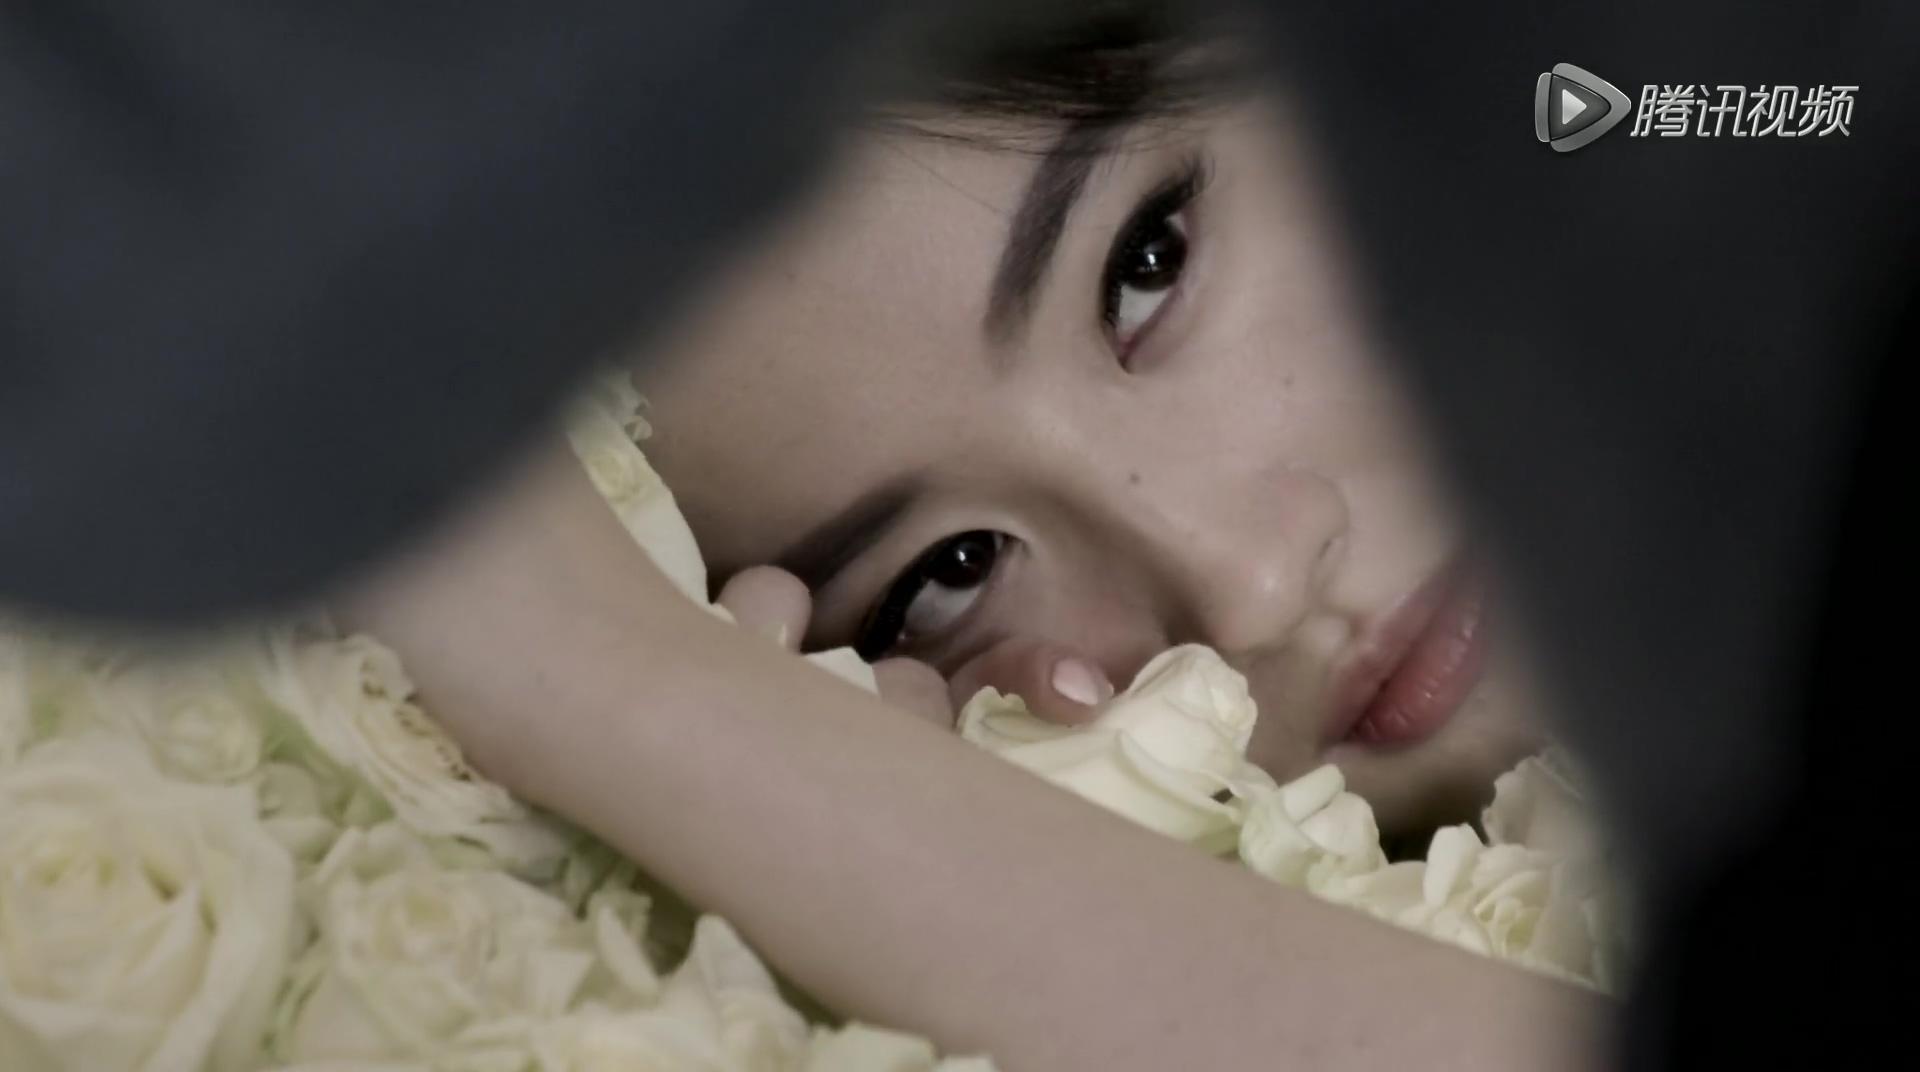 迪奥花蜜形象大使拍摄花絮 《刘亦菲》[2015.12.12]